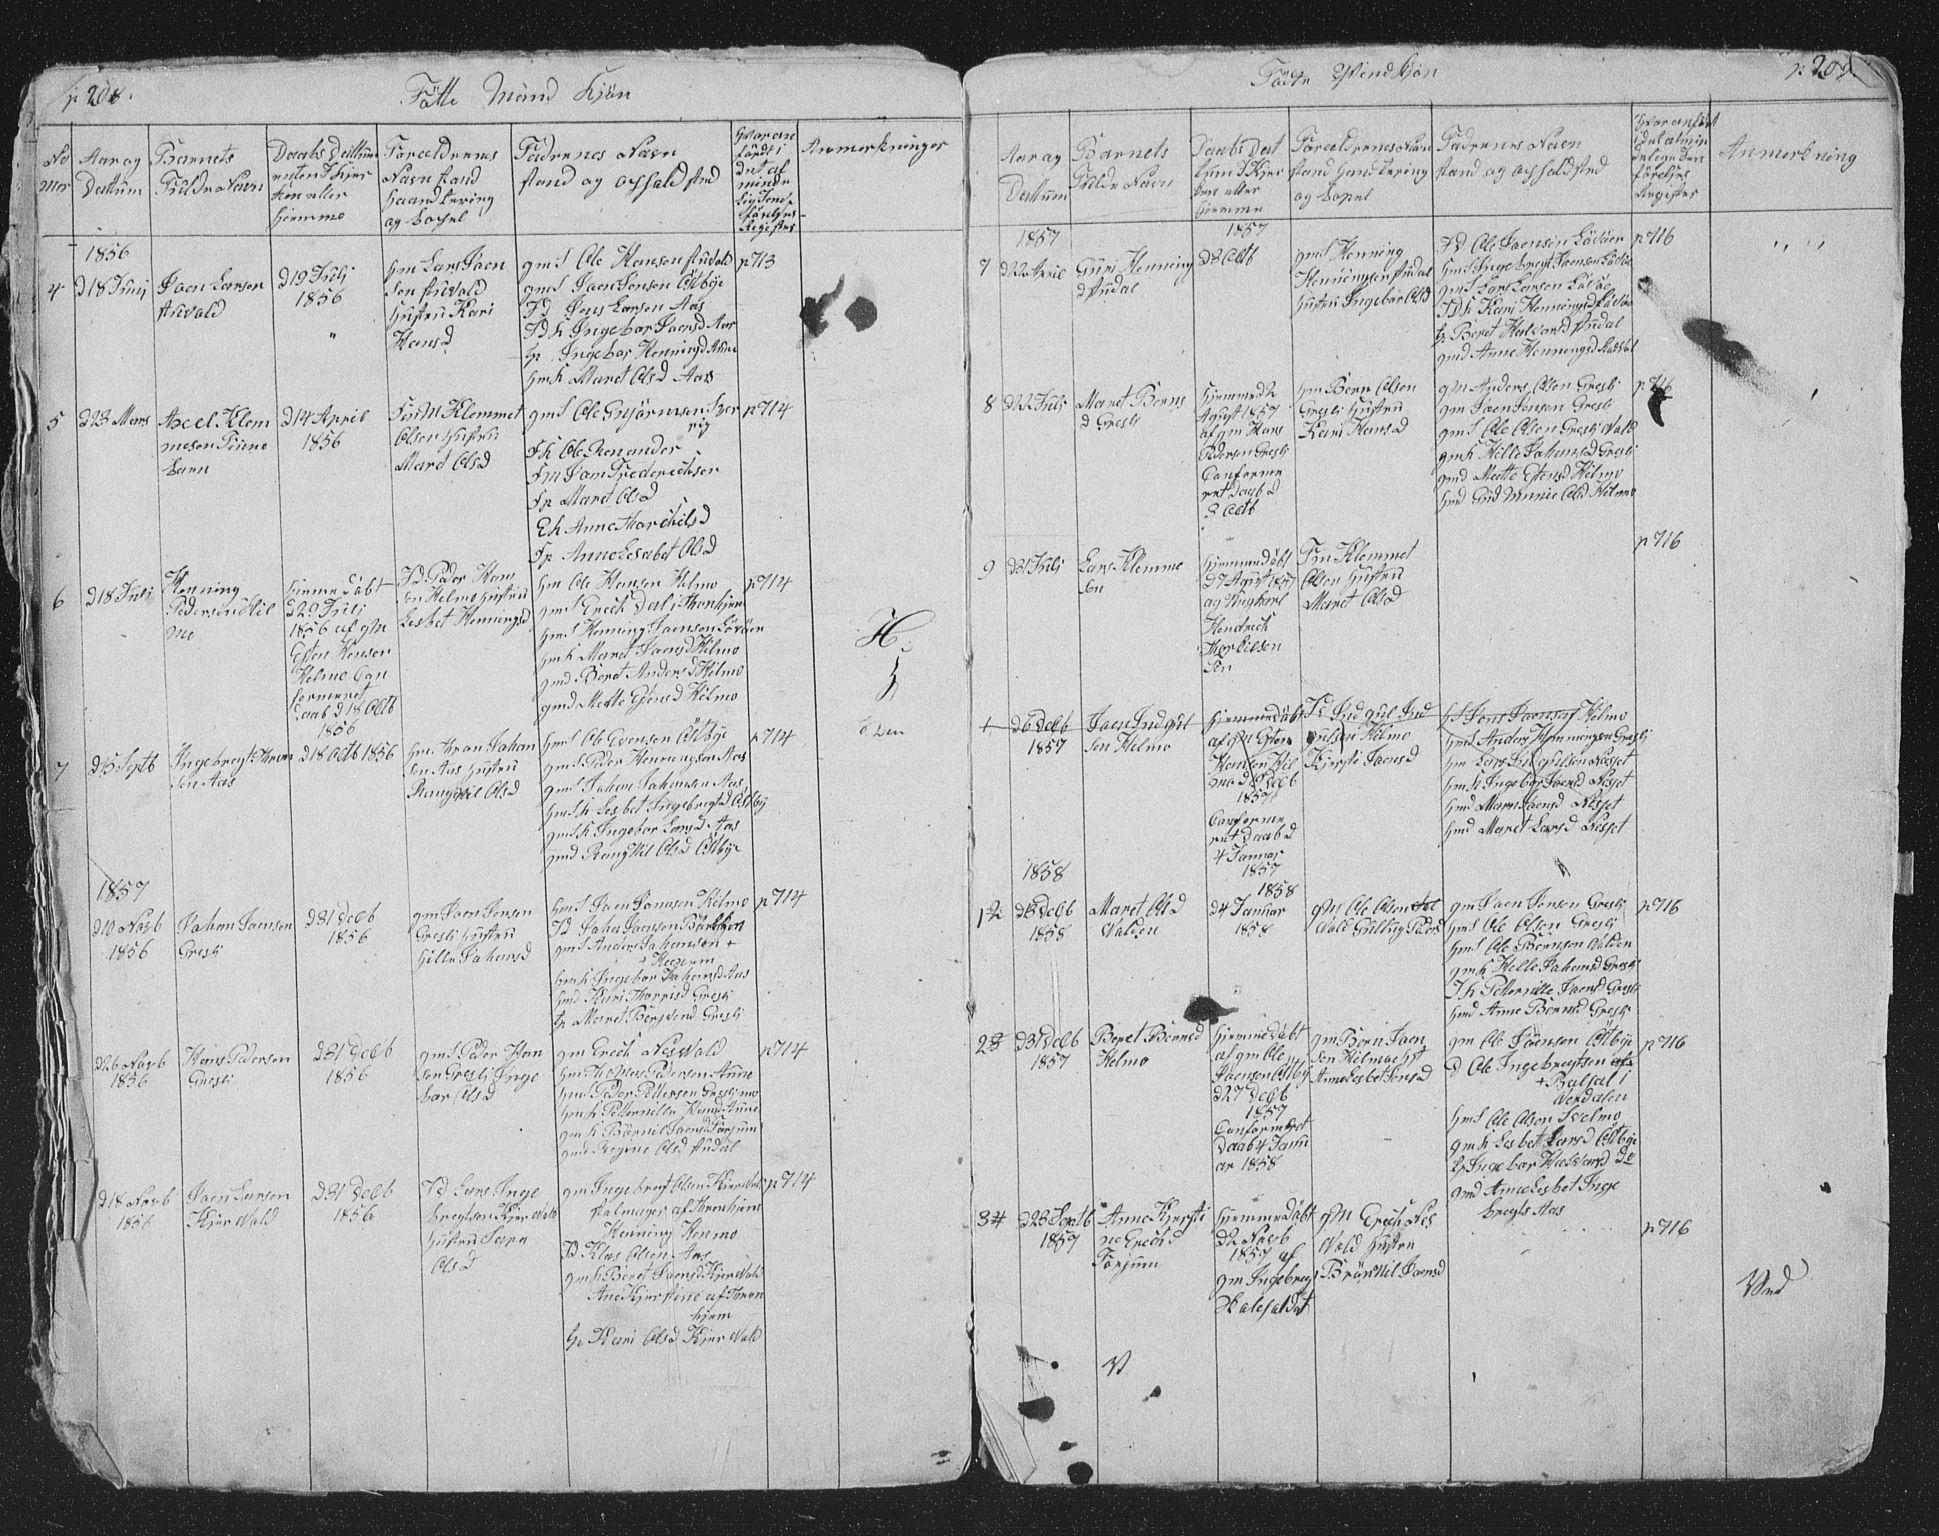 SAT, Ministerialprotokoller, klokkerbøker og fødselsregistre - Sør-Trøndelag, 698/L1165: Klokkerbok nr. 698C02, 1851-1861, s. 208-209